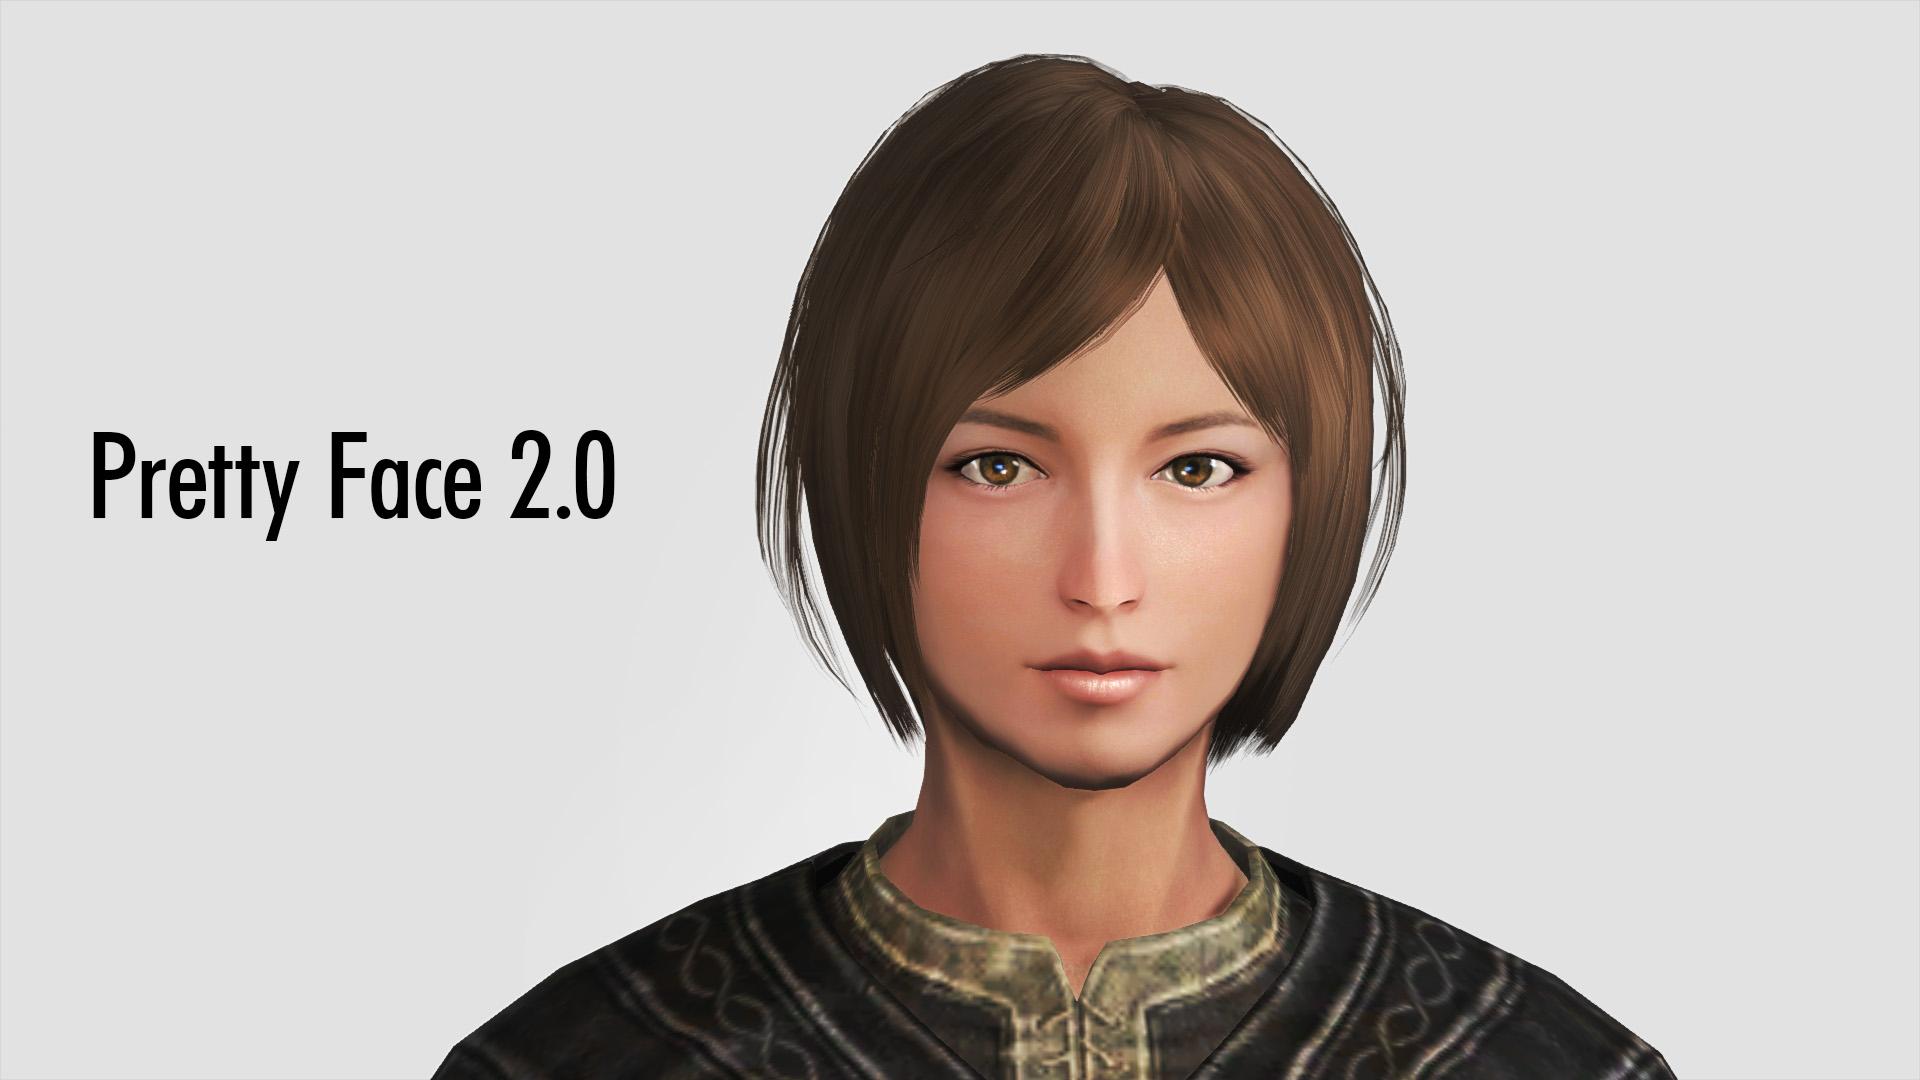 美顔 おすすめMOD順 - Skyrim Mod データベース